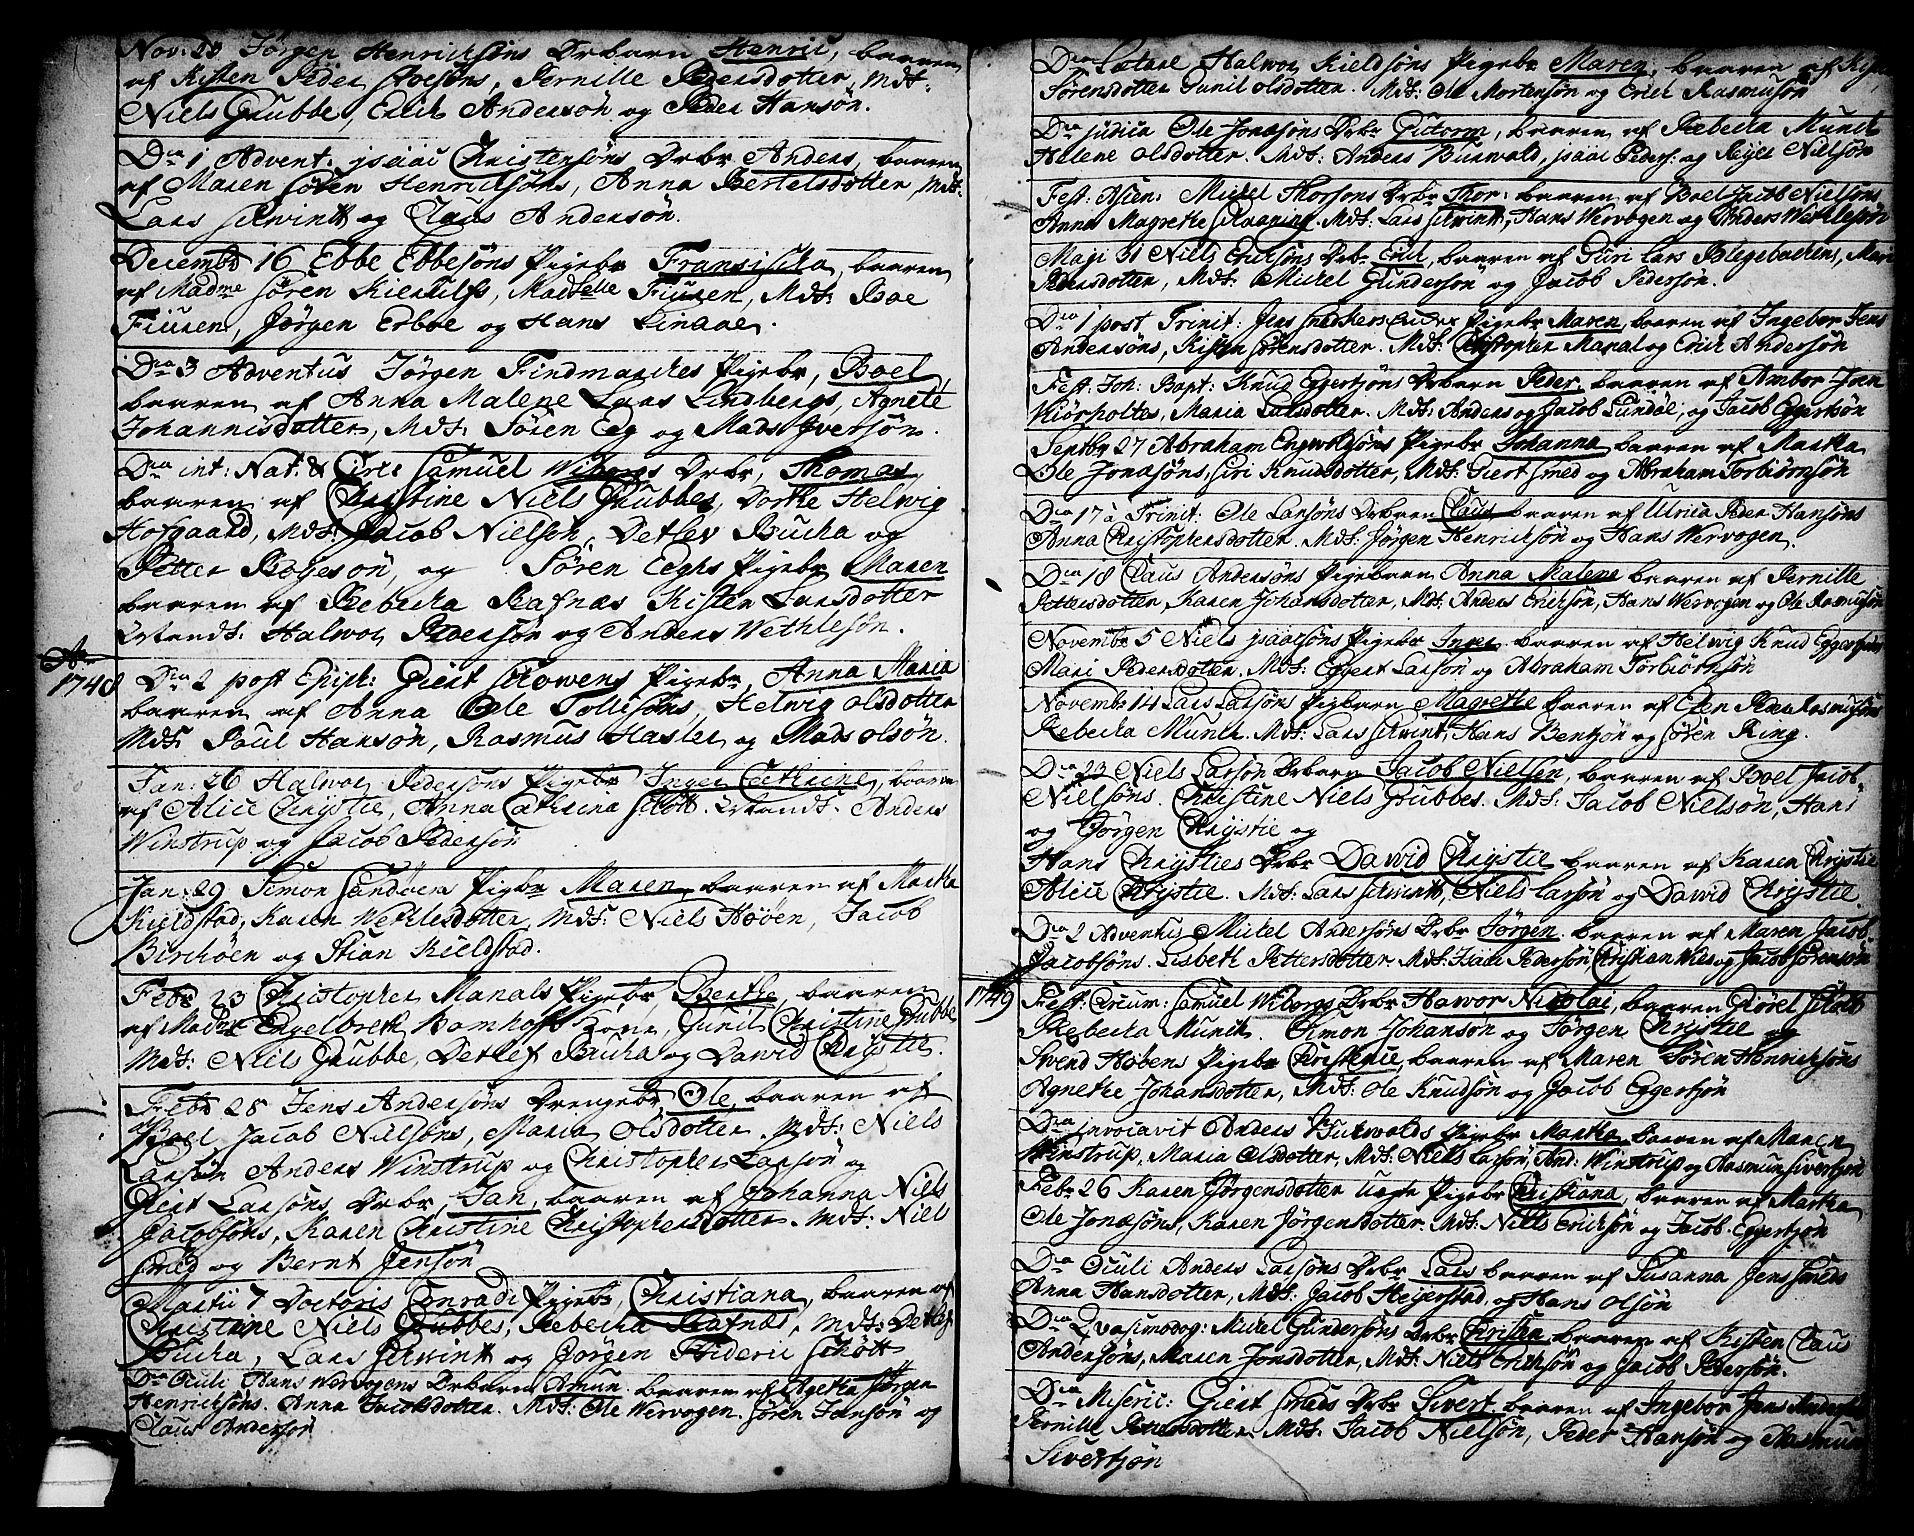 SAKO, Brevik kirkebøker, F/Fa/L0002: Ministerialbok nr. 2, 1720-1764, s. 34r